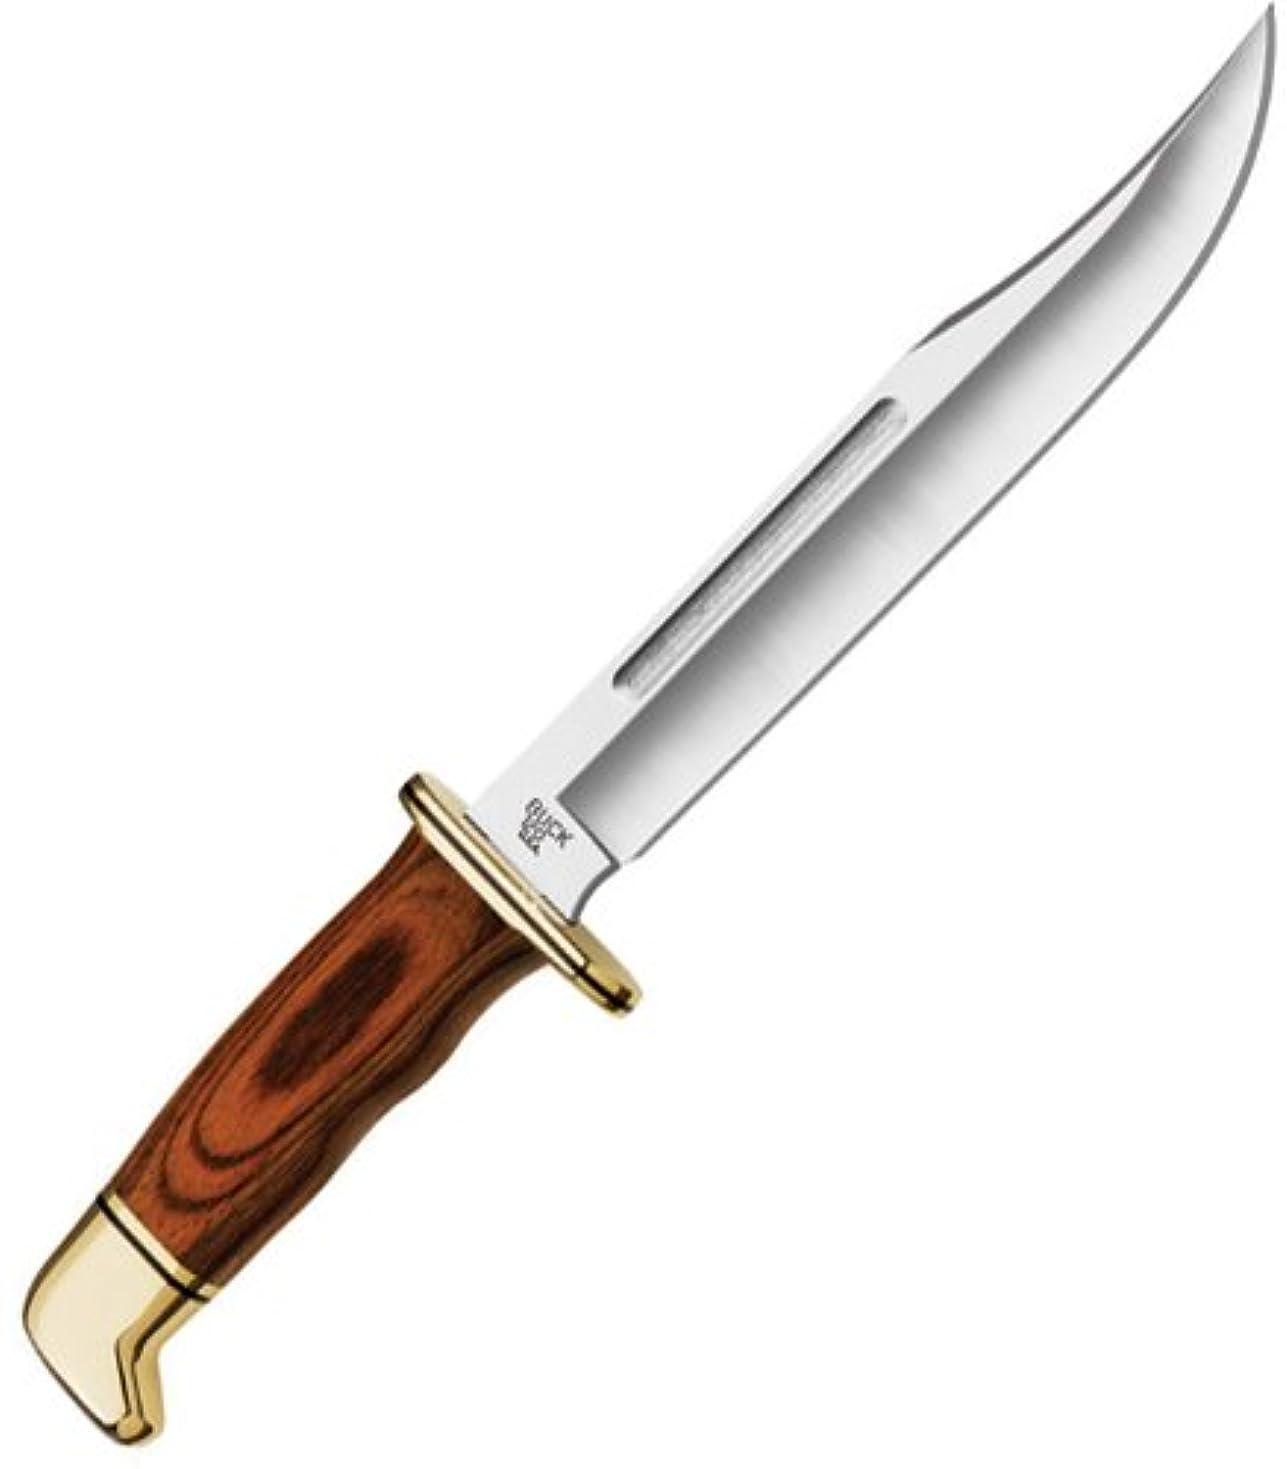 適切なスキャンダル鉄道BUCK(バック) 狩猟ナイフ ジェネラル ココボロ General Cocobora Dymondwood Handle 120BRS 0120BRS-B